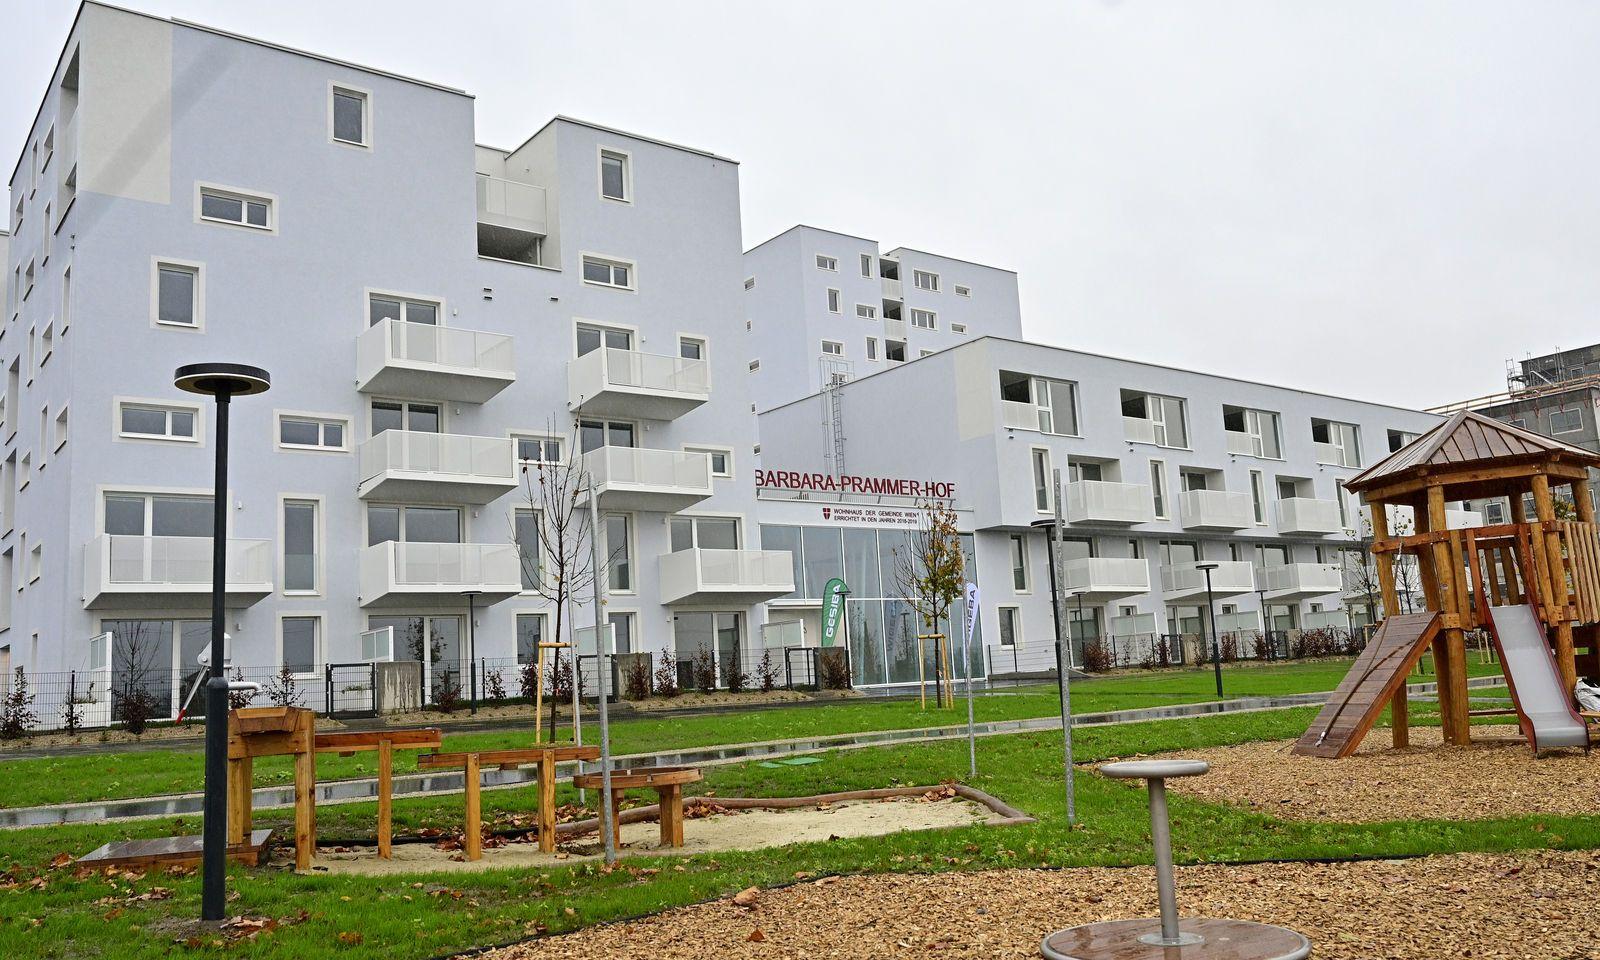 Die Anlage ist nach der verstorbenen Nationalratspräsidentin Barbara Prammer (SPÖ) benannt